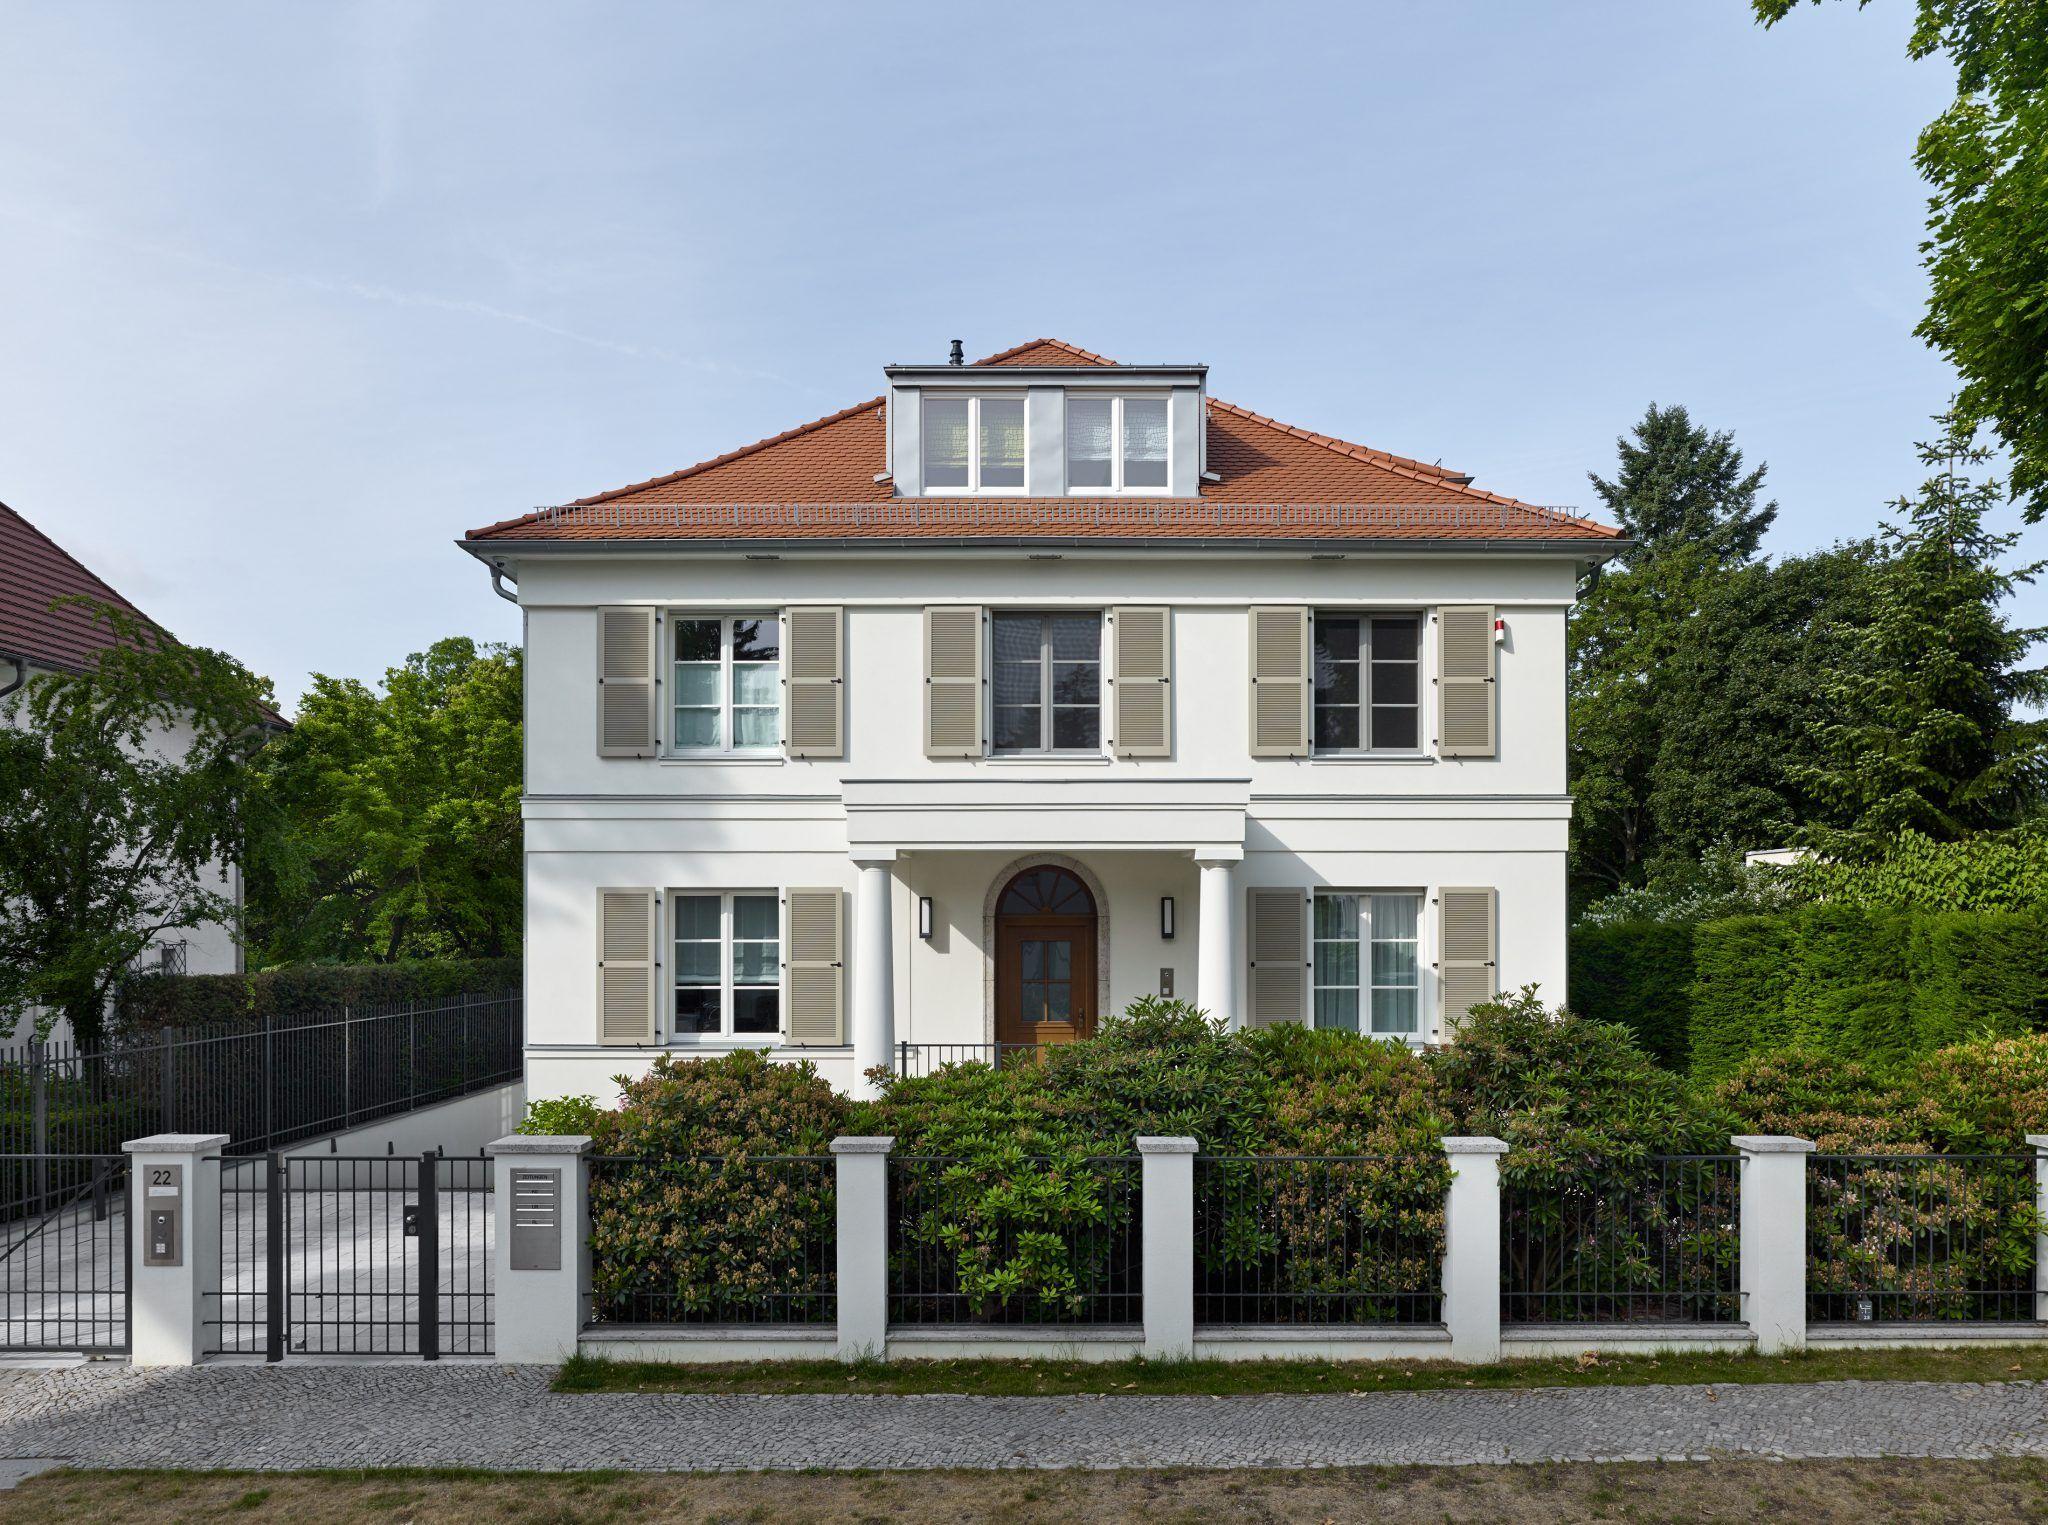 Haus B Kahlfeldt Architekten Haus architektur